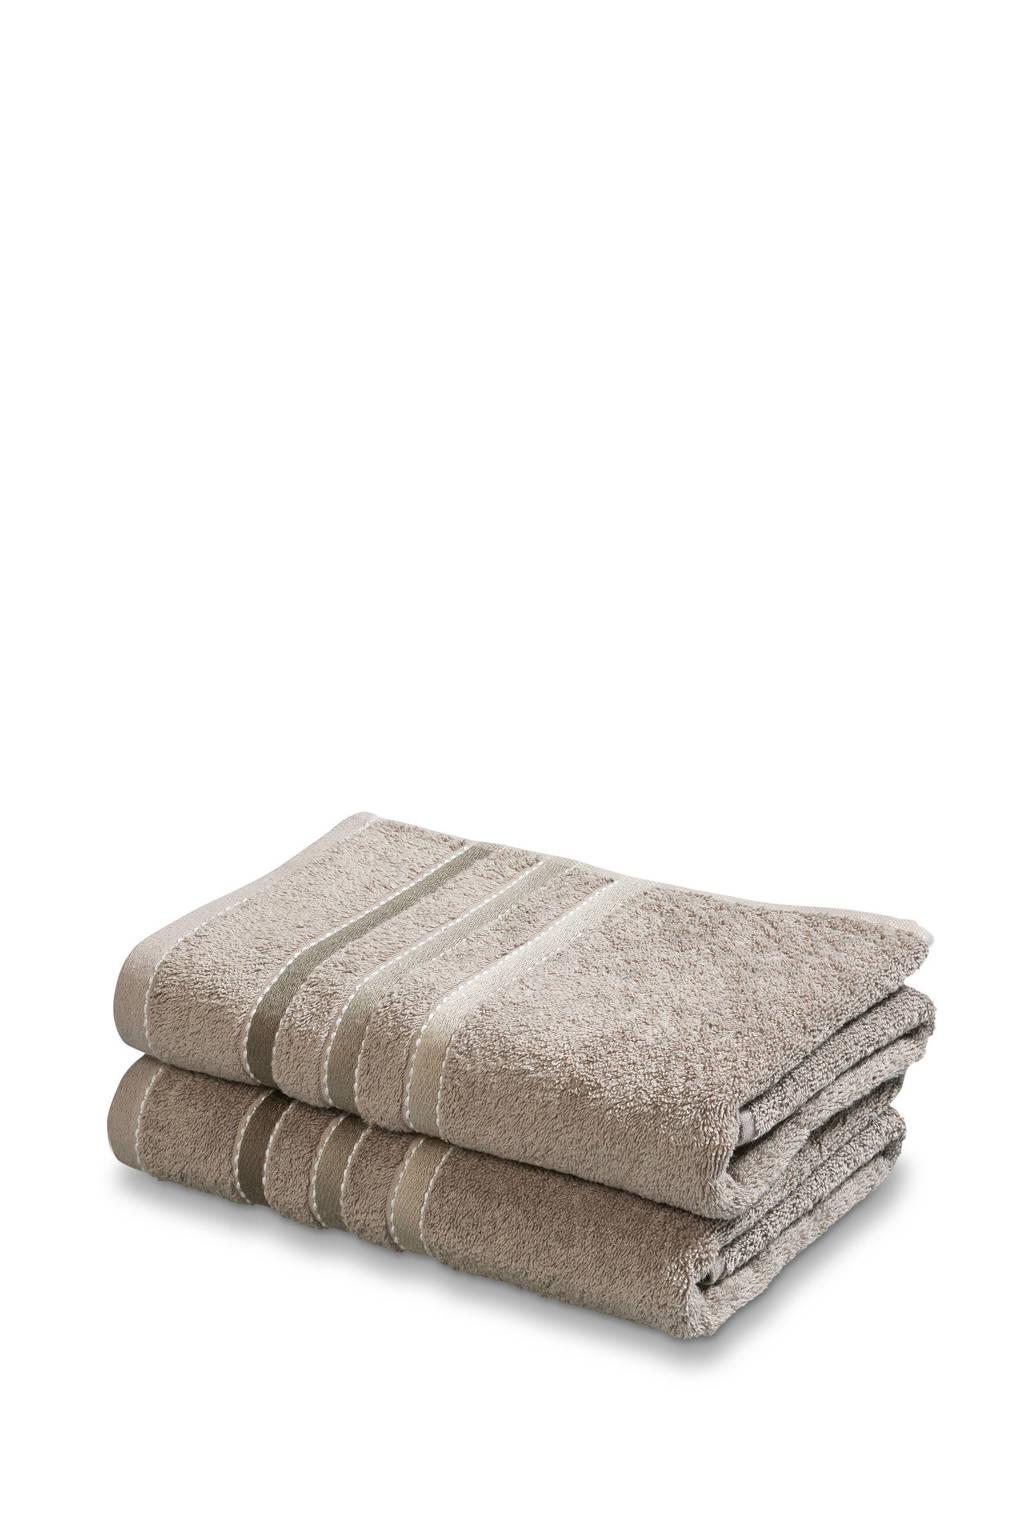 Vandyck handdoek (set van 2) (110 x 60 cm) Bruin